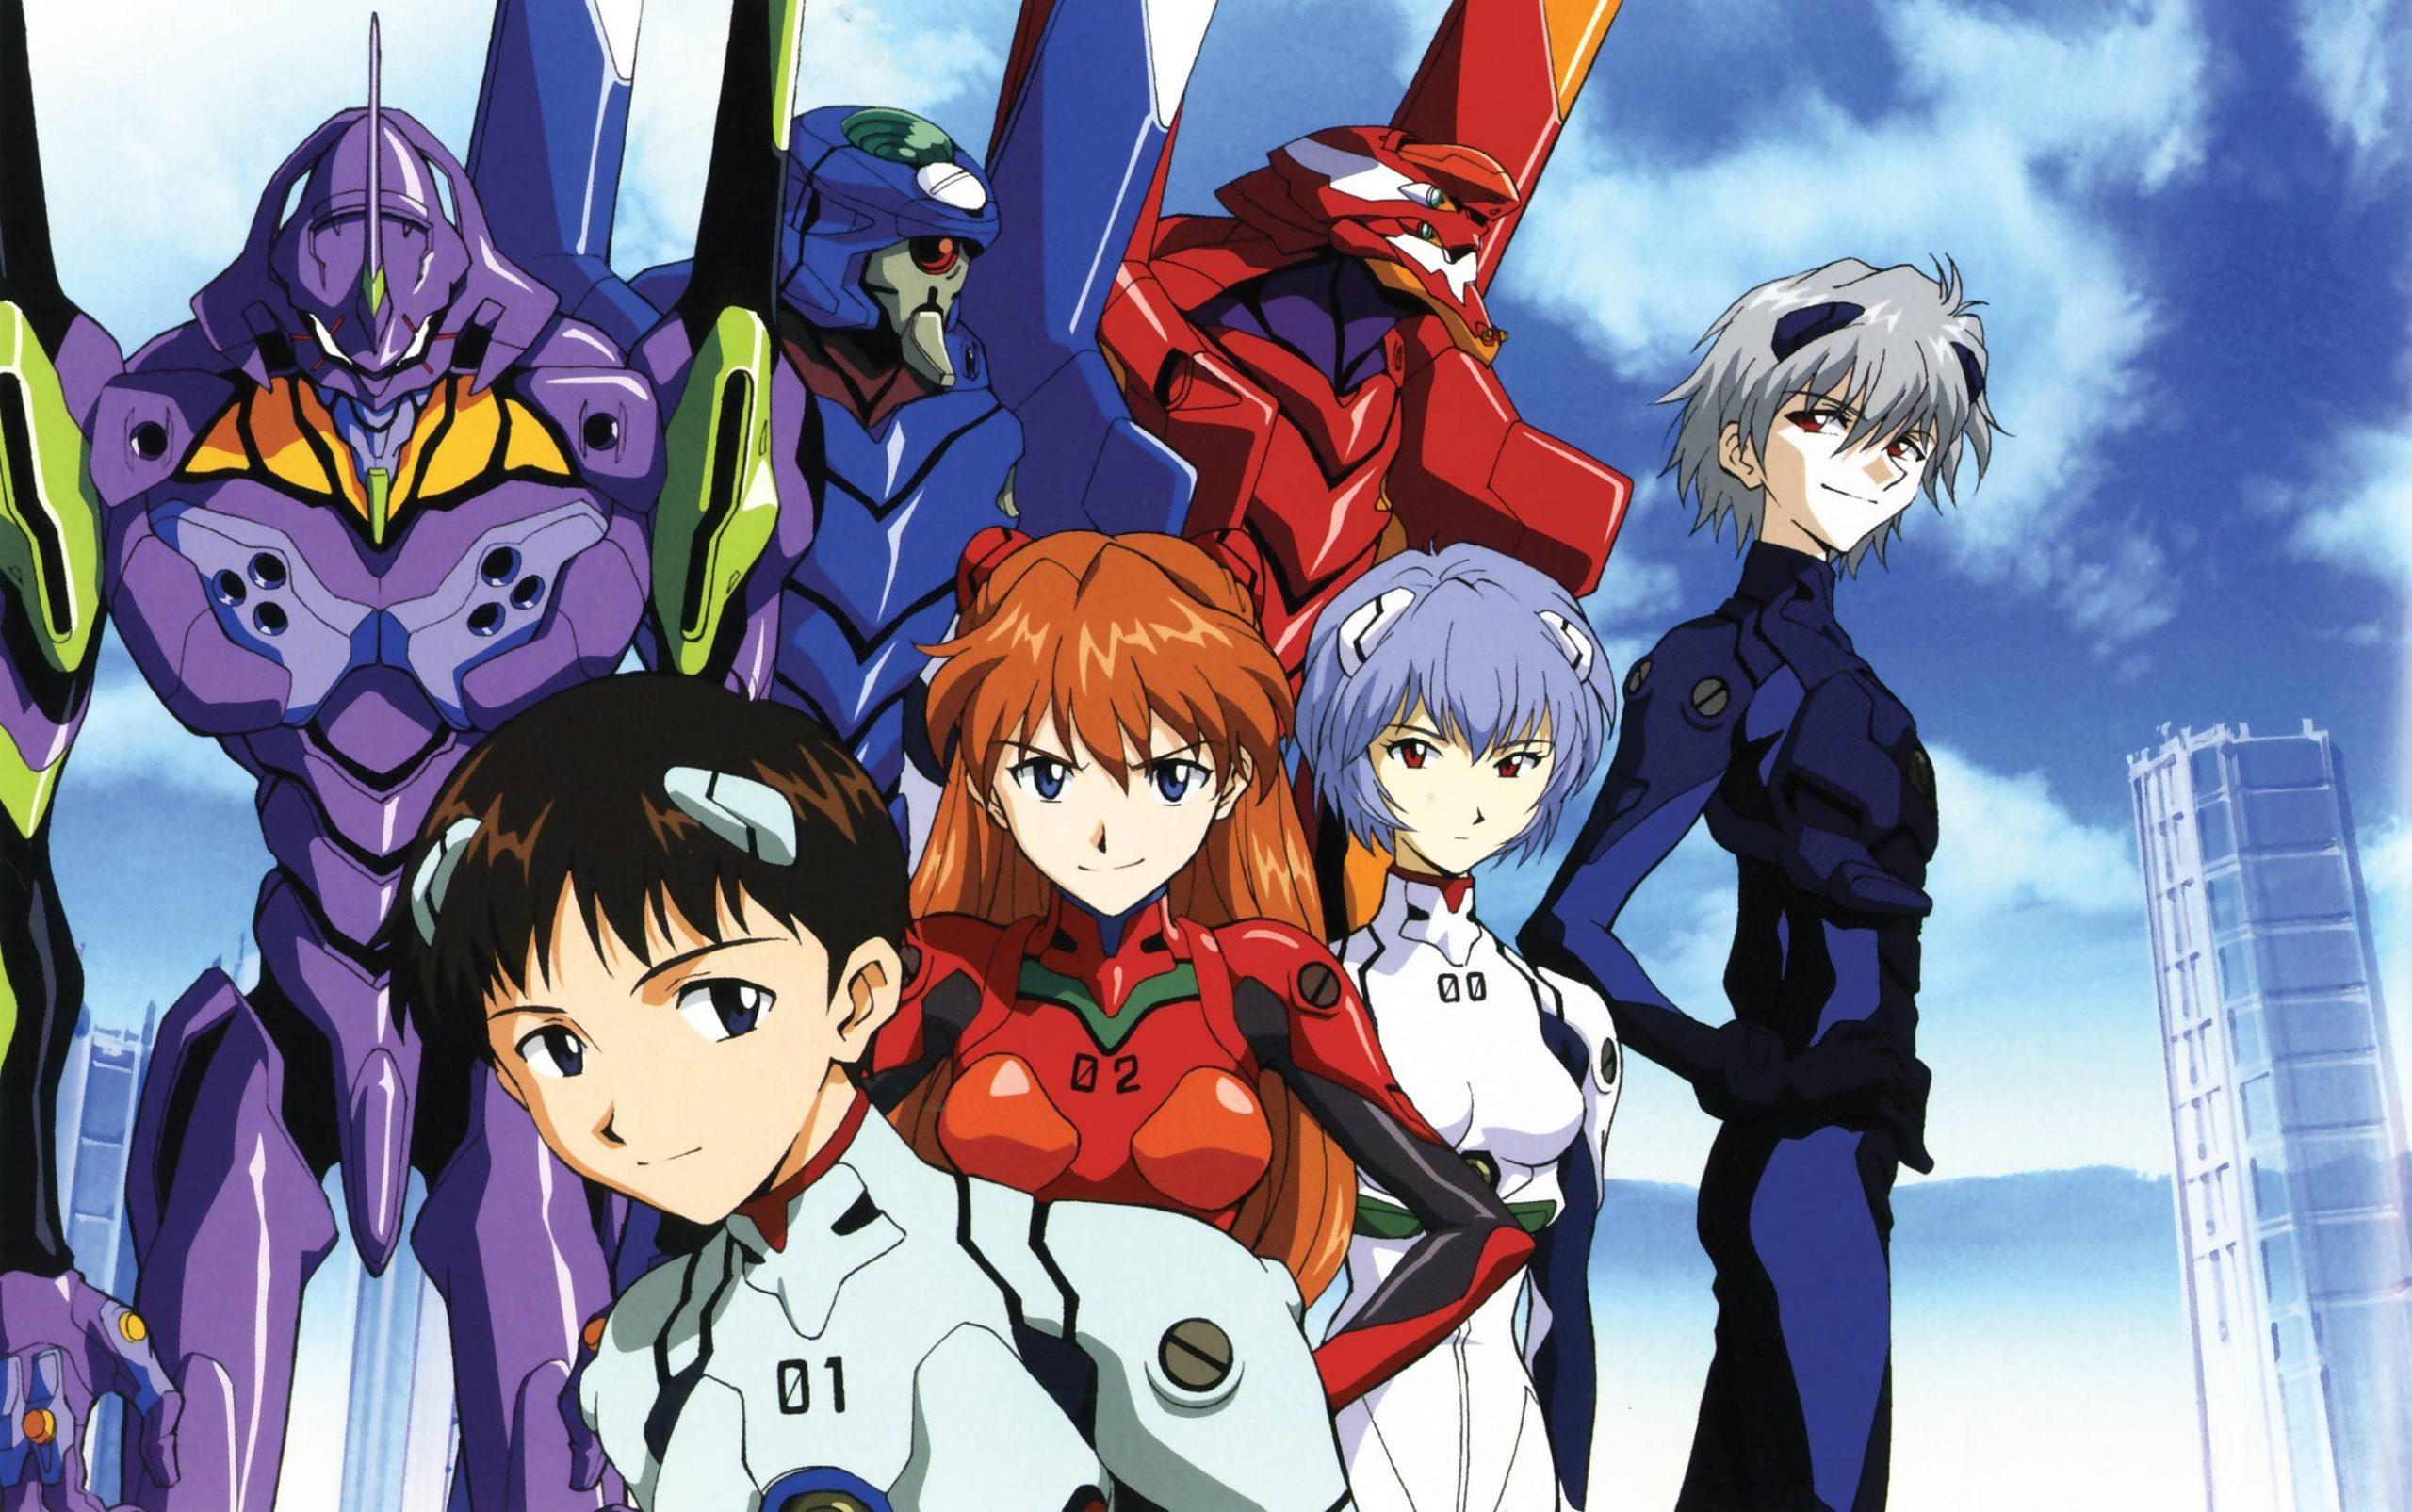 """Les """"Evangelion"""" et leurs pilotes dans la série d'animation """"Neon Genesis Evangelion"""" Hideaki Anno. (Source : Wallpaperup)"""